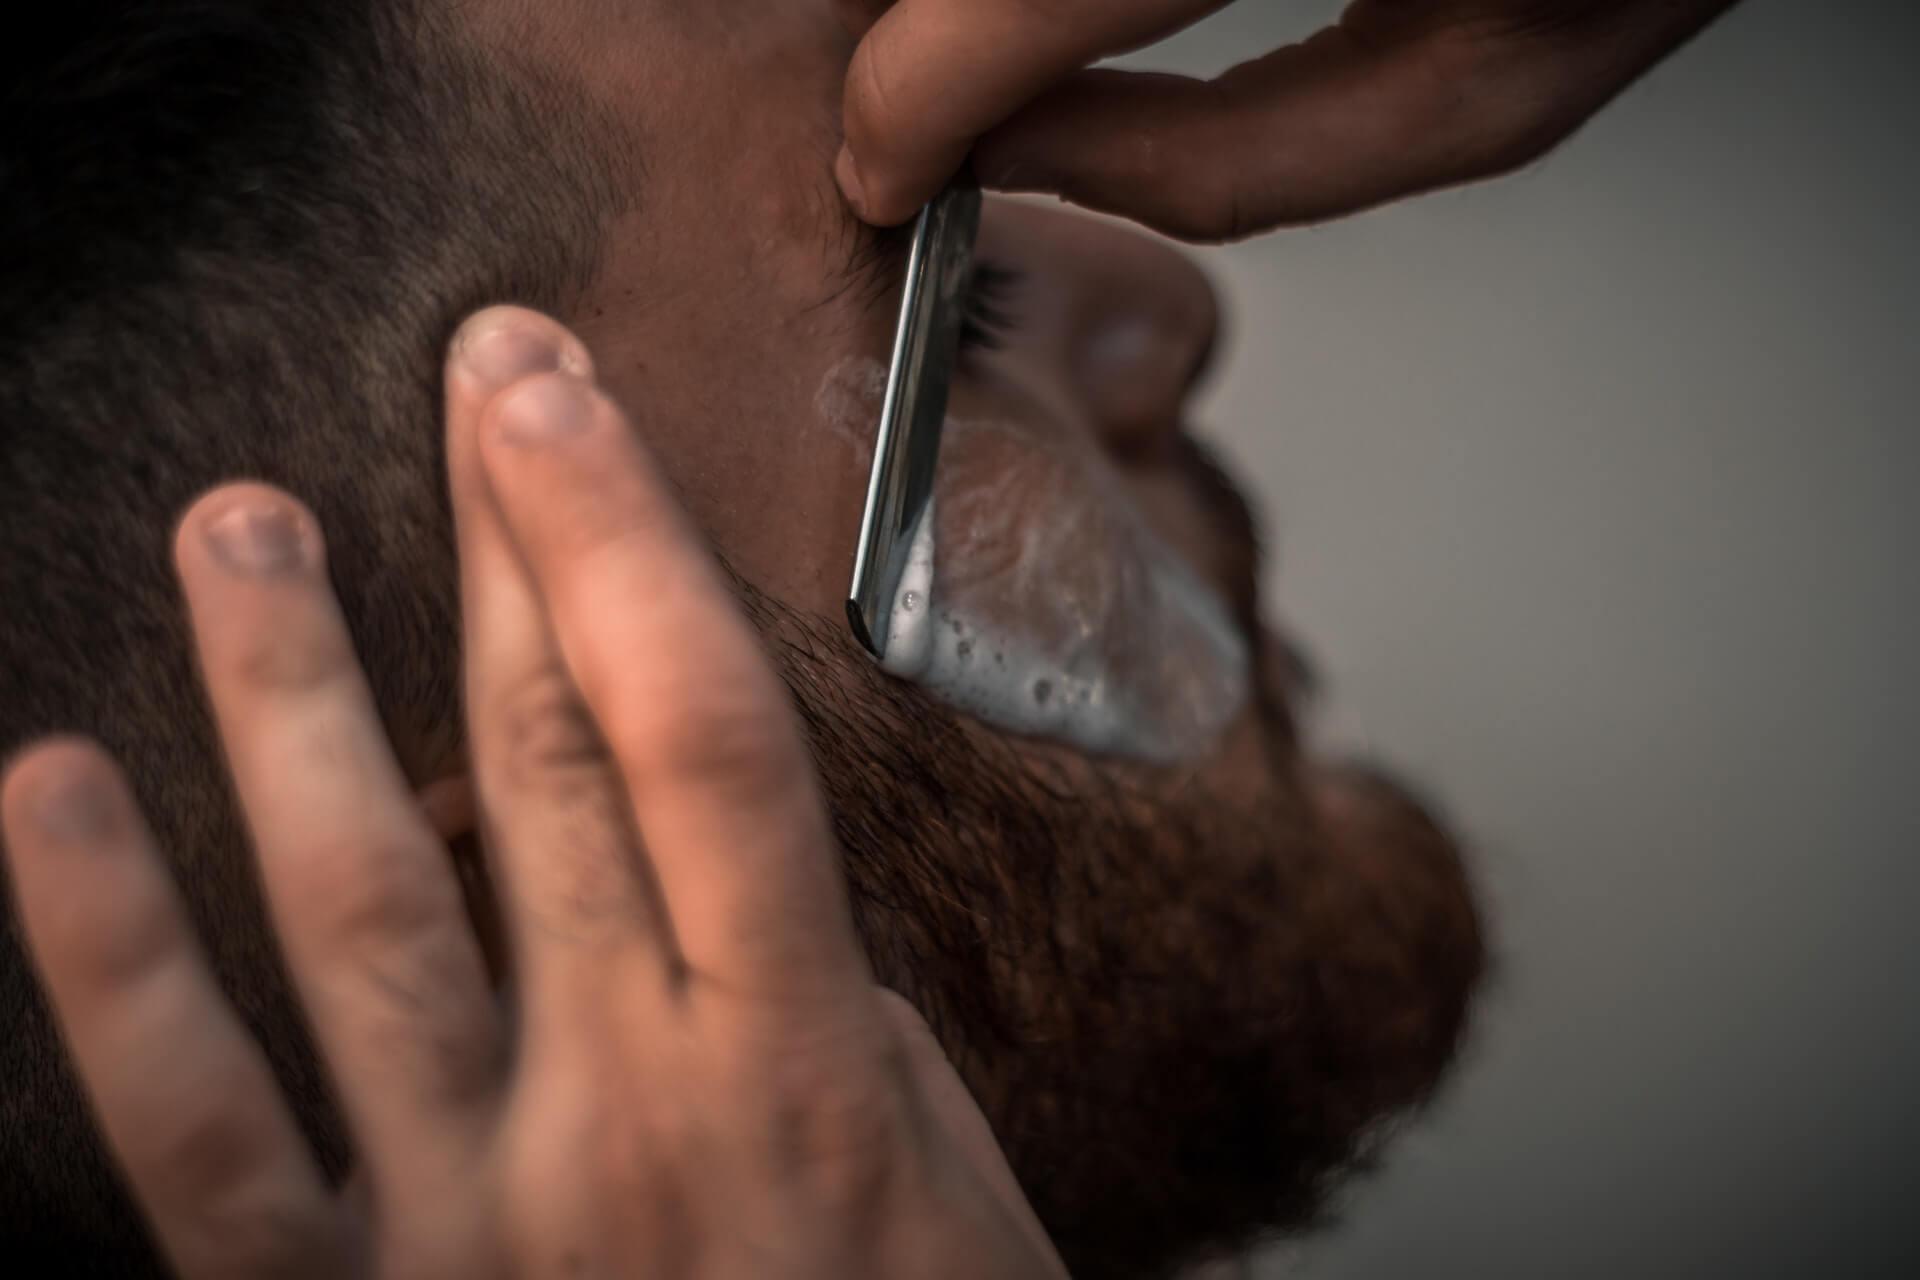 Eine Schnittverletzung bei der Rasur - was jetzt?